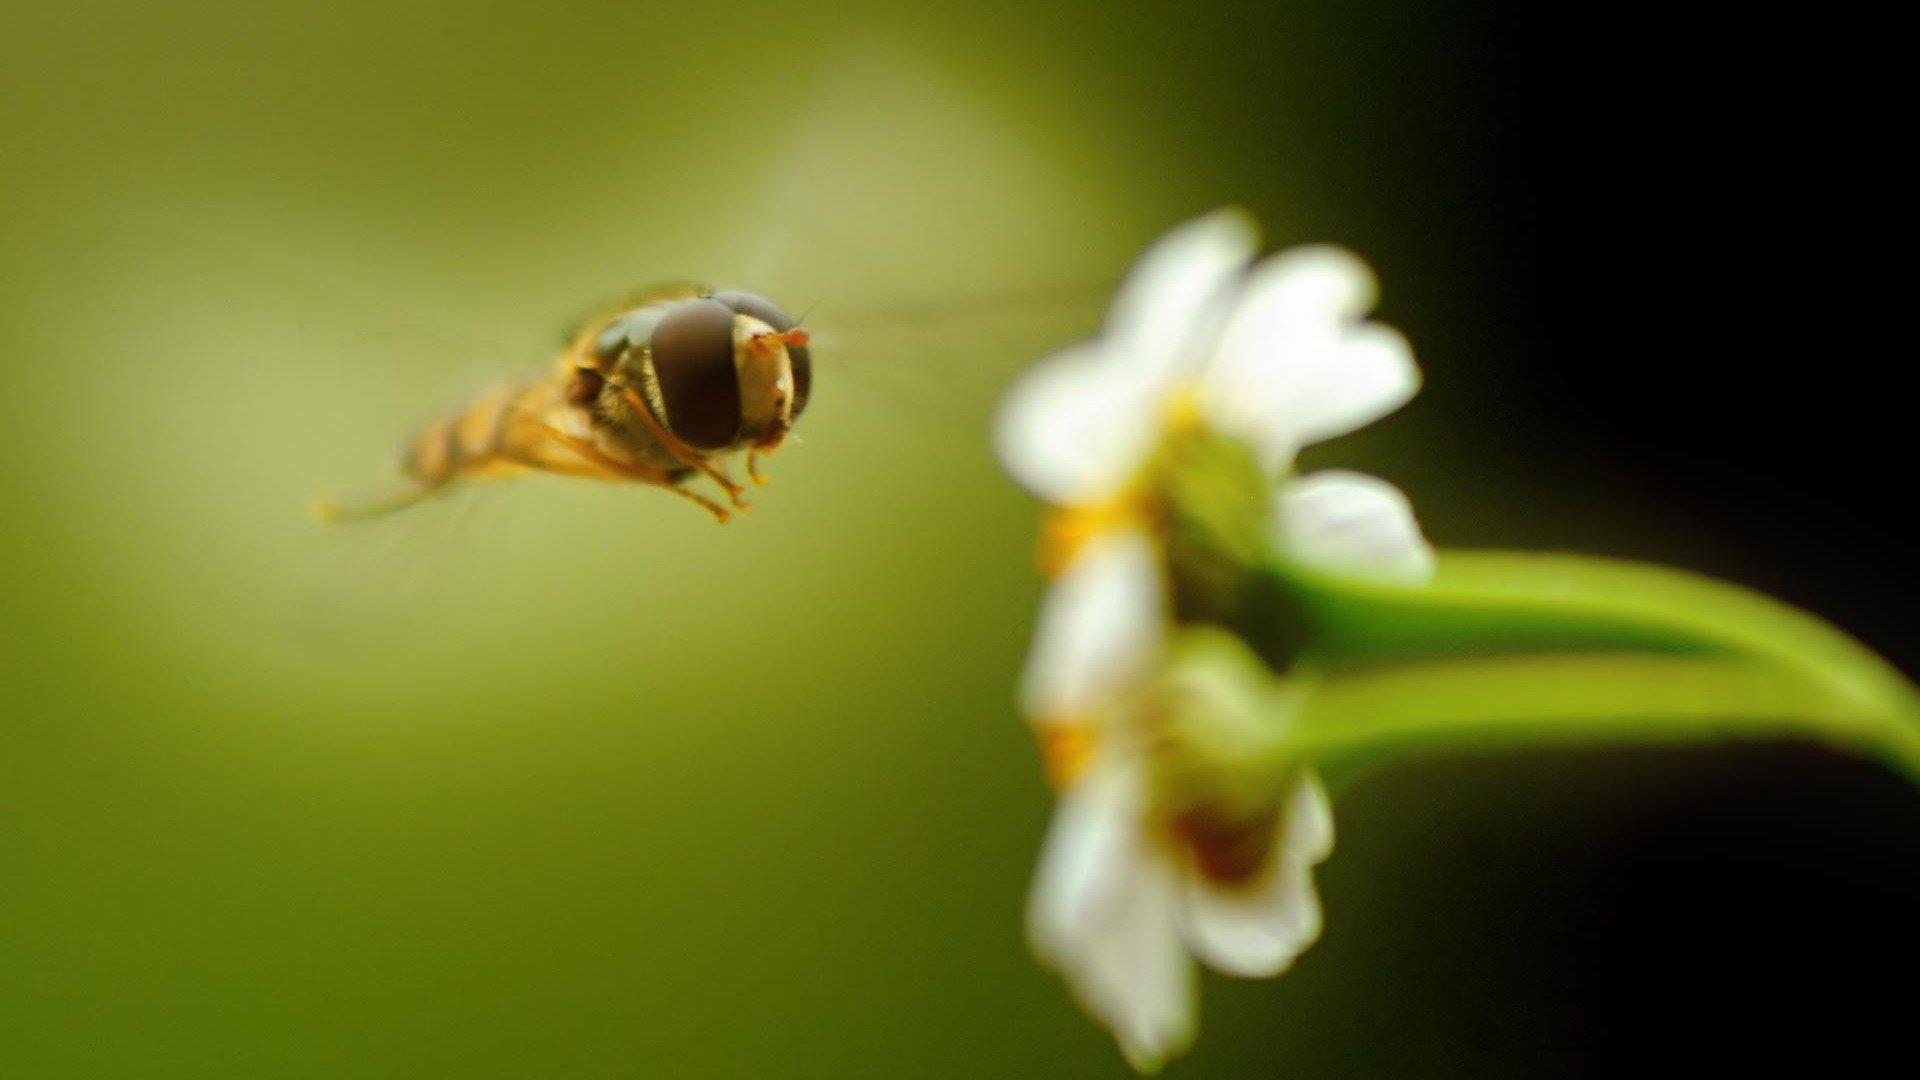 Honey bee wallpaper 1920x1080